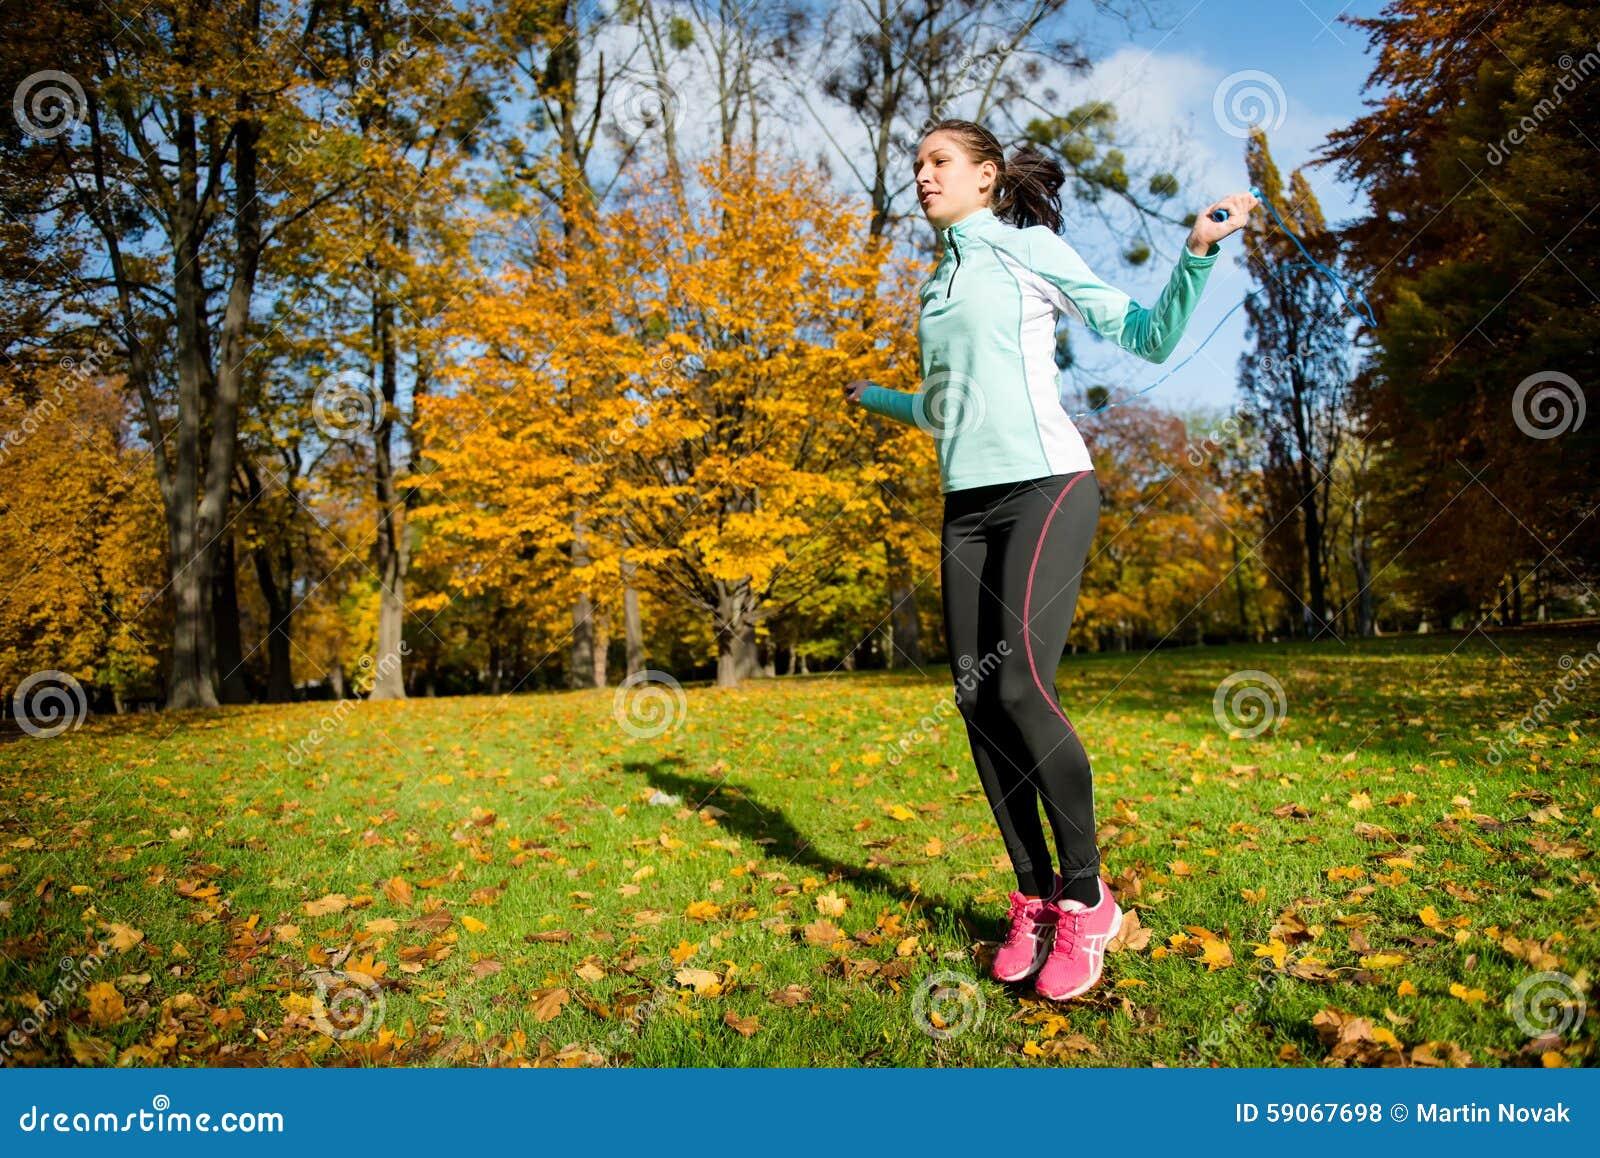 Exercício com corda de salto